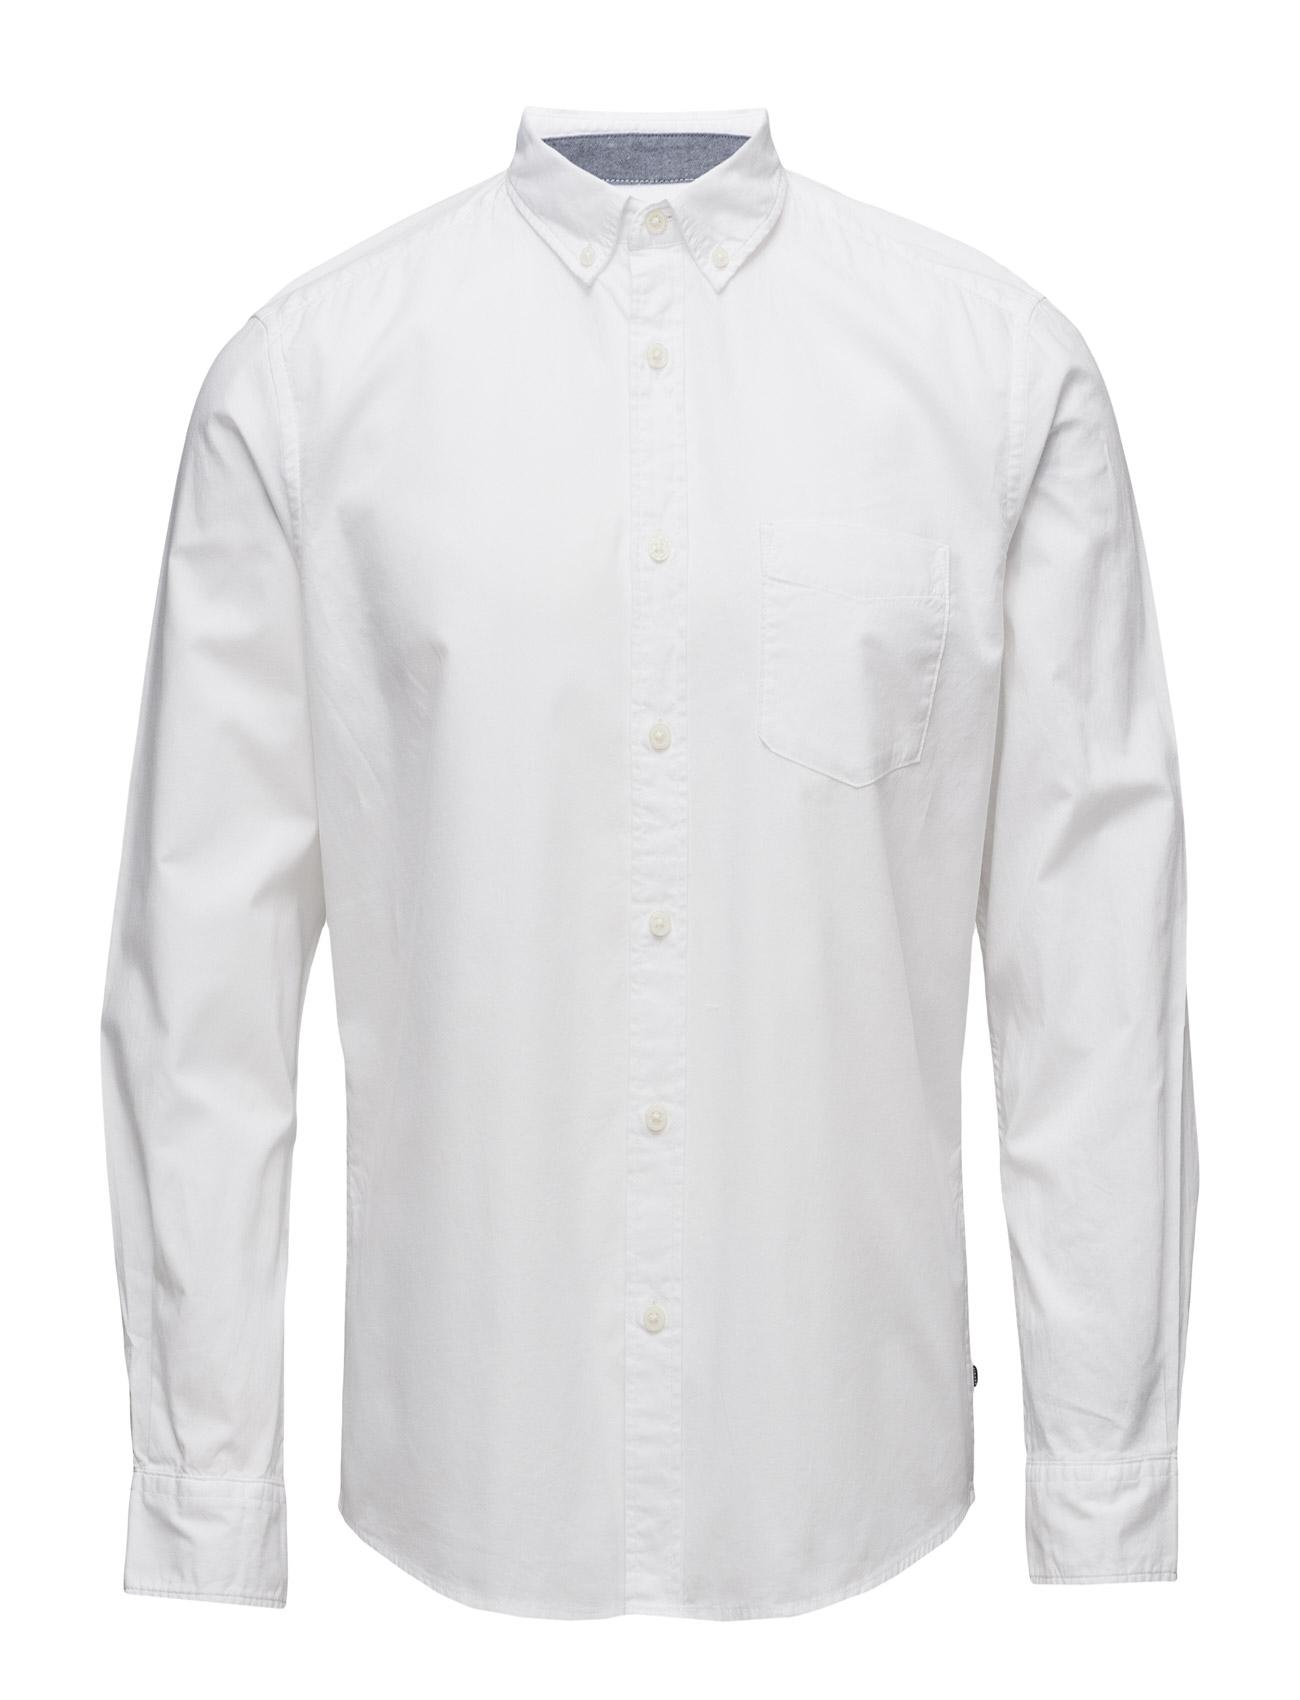 Shirts Woven Esprit Casual Business til Herrer i hvid